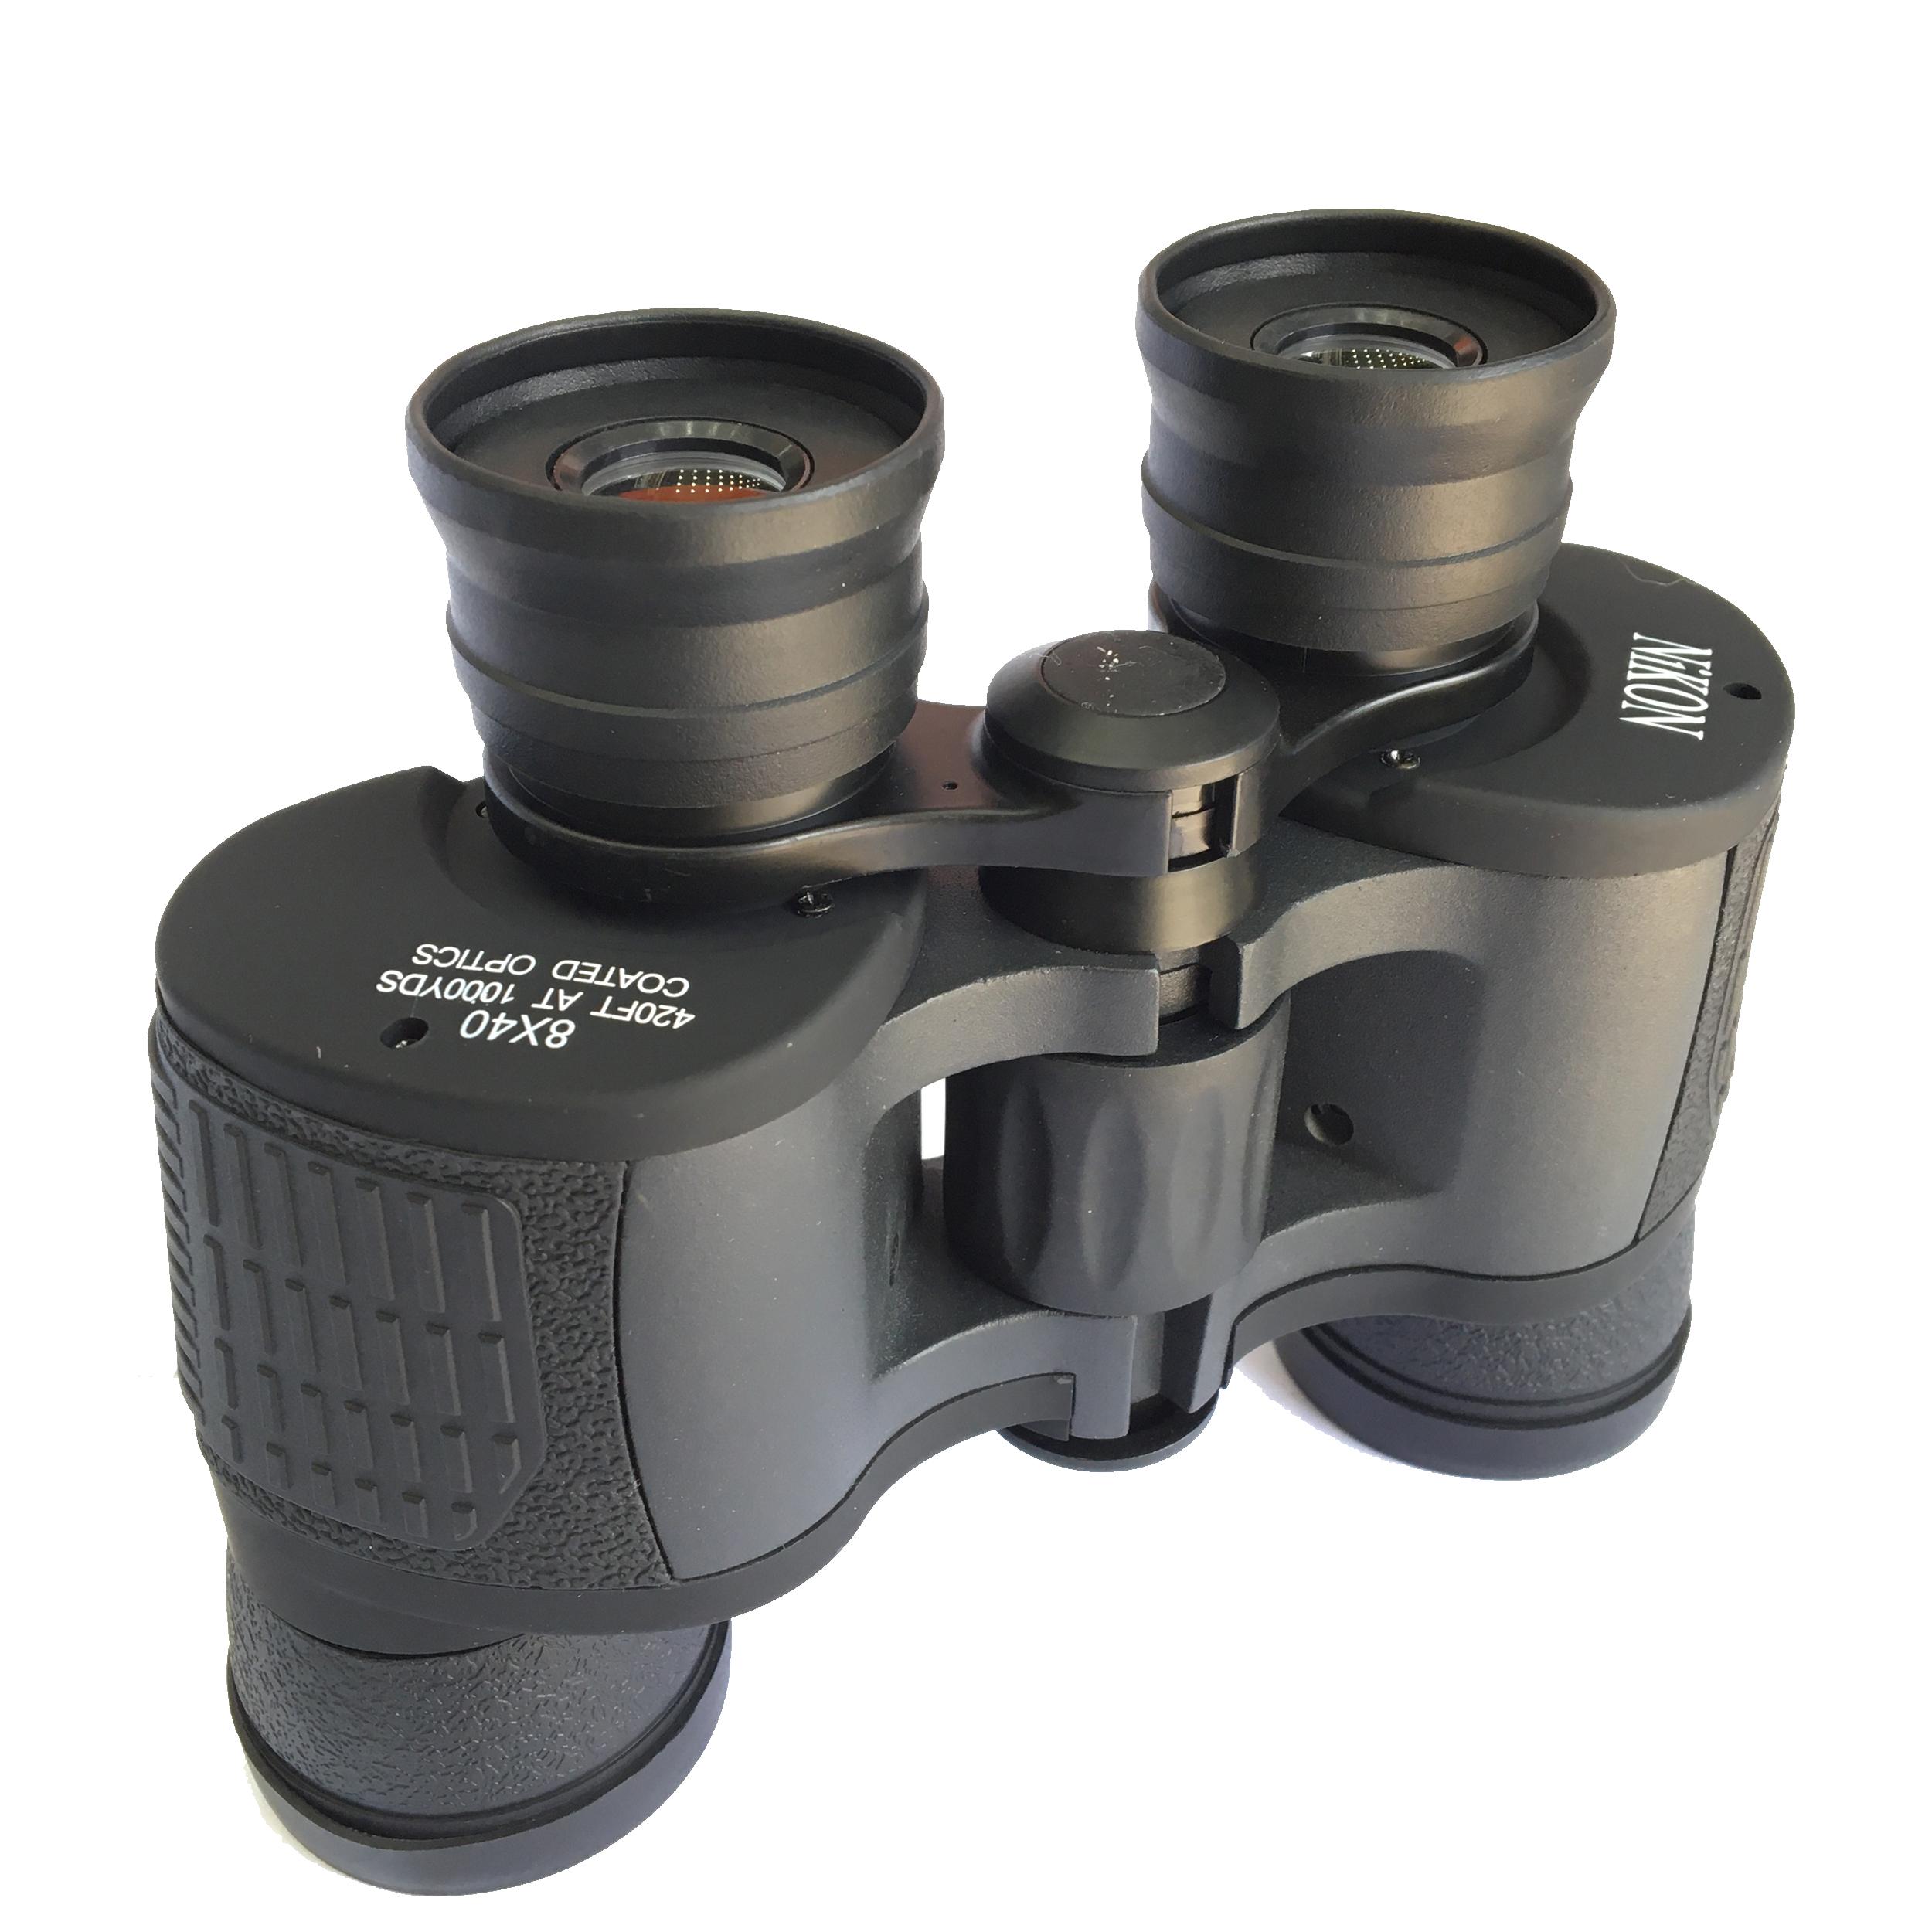 دوربین دو چشمی نیکون مدل COATED 8x42